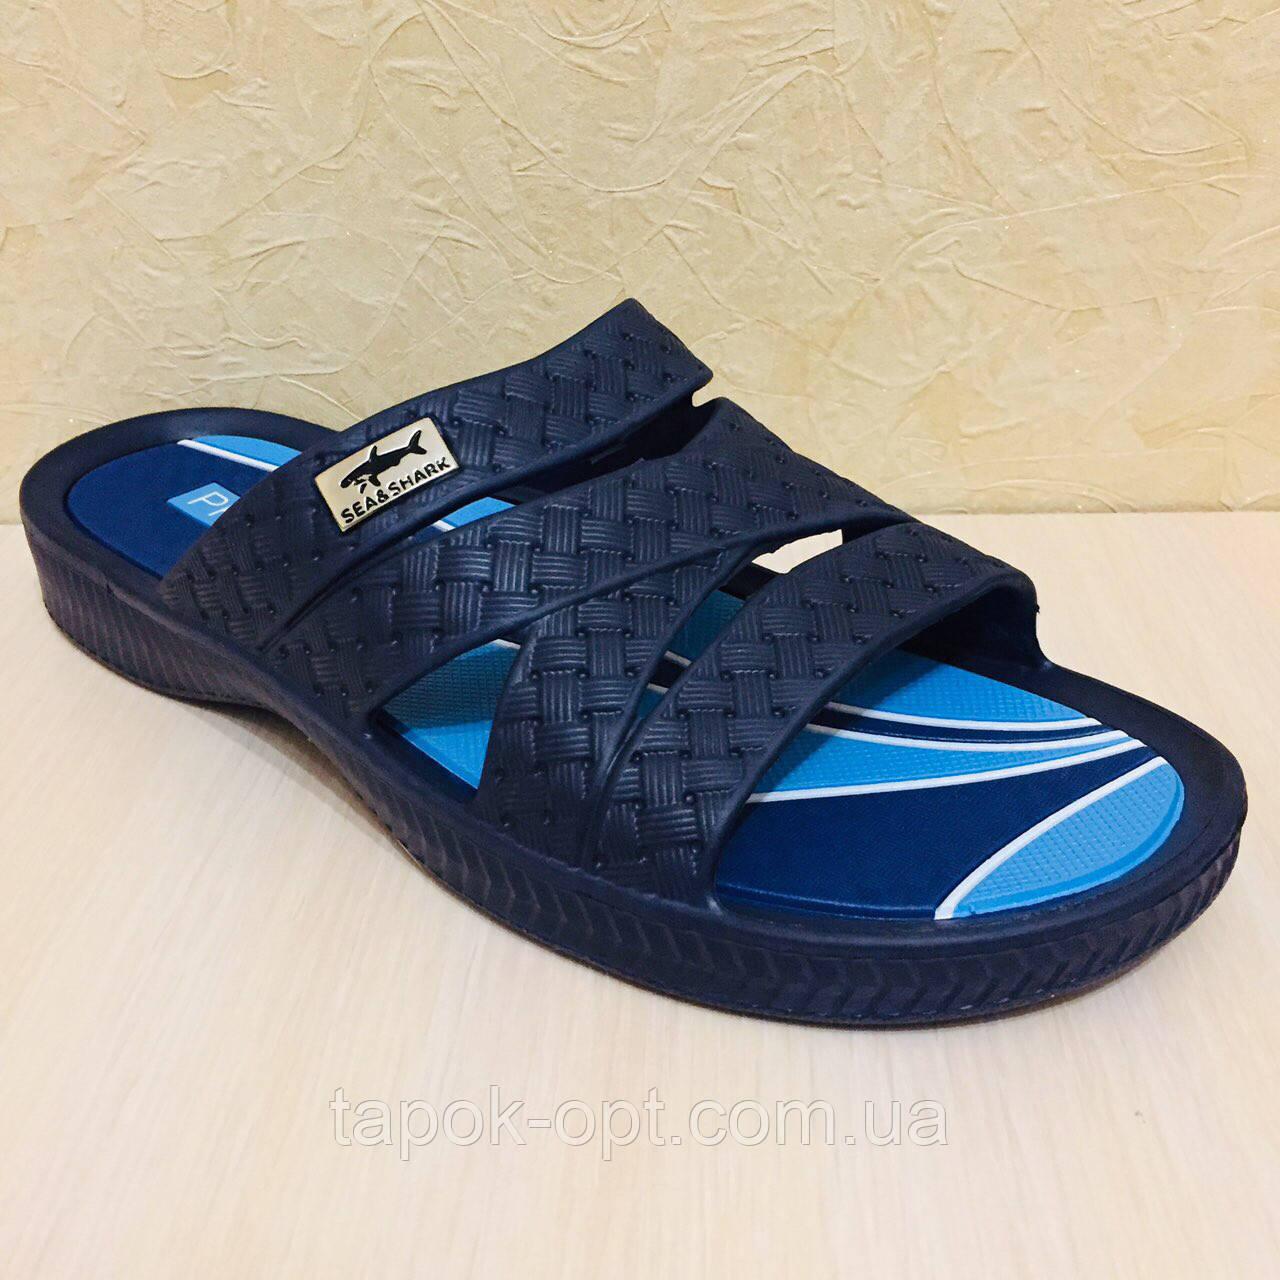 Взуття пляжне чоловіче Прогрес